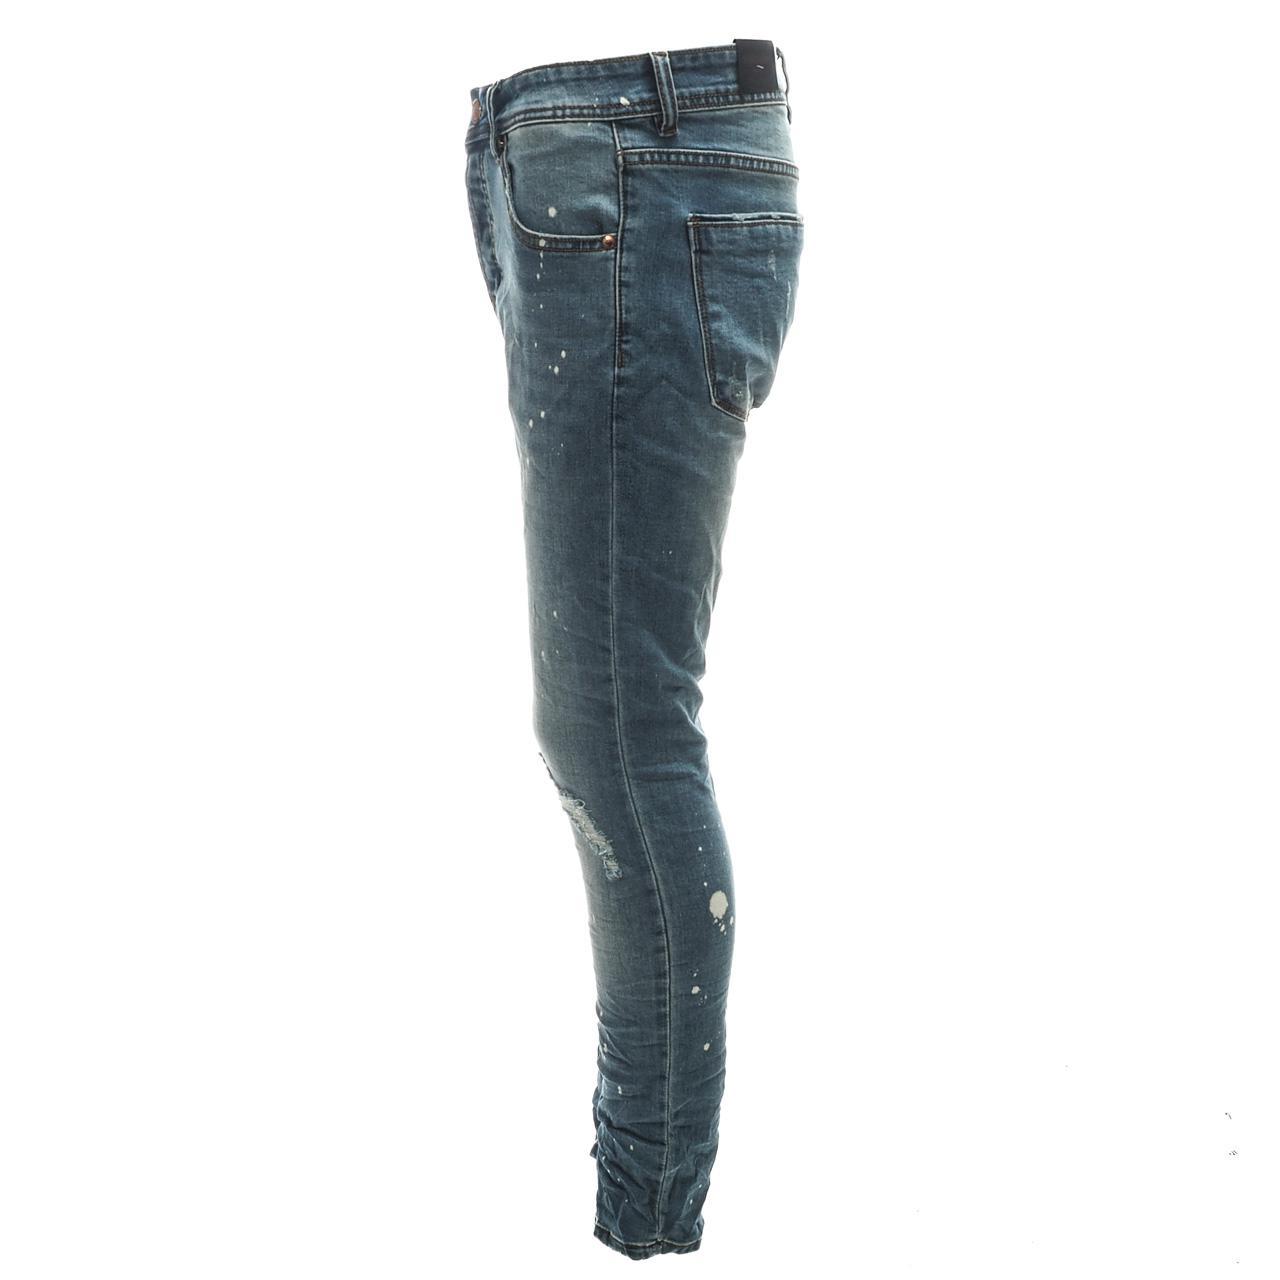 Jeans-Pants-Senders-Rikavik-Used-Blue-Blue-50030-New thumbnail 3